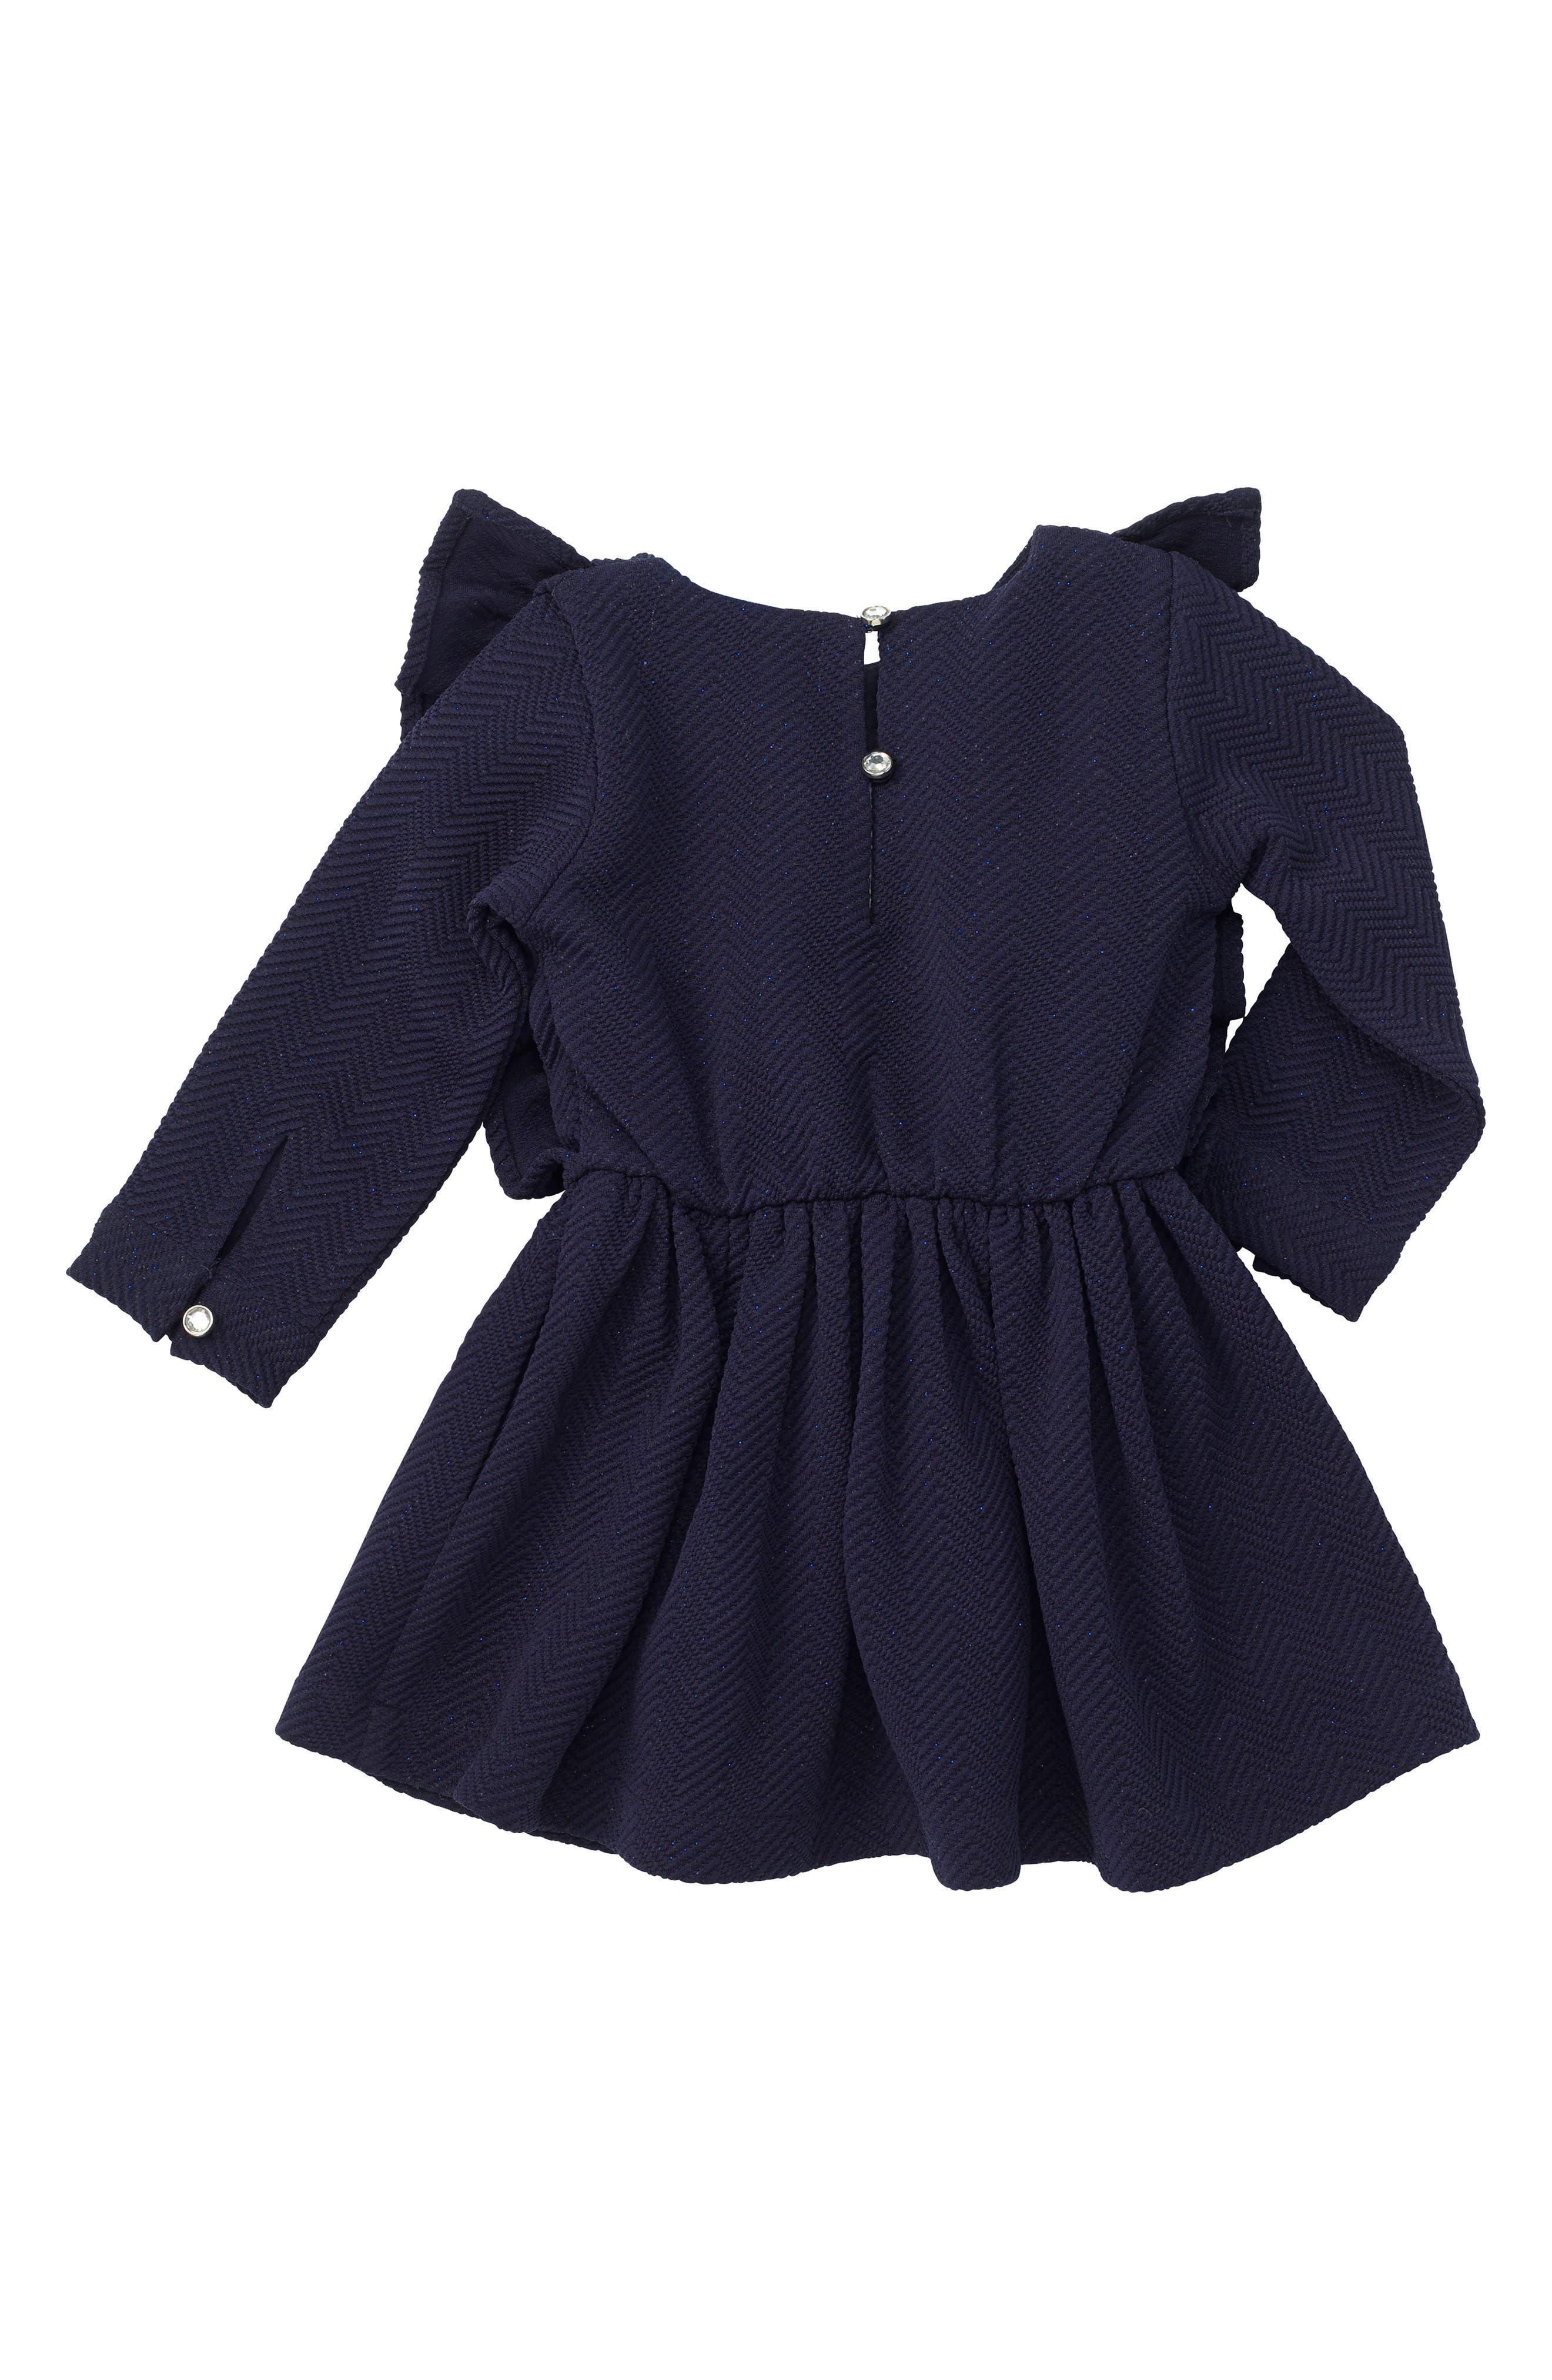 Fantasia Dress,                         Main,                         color,